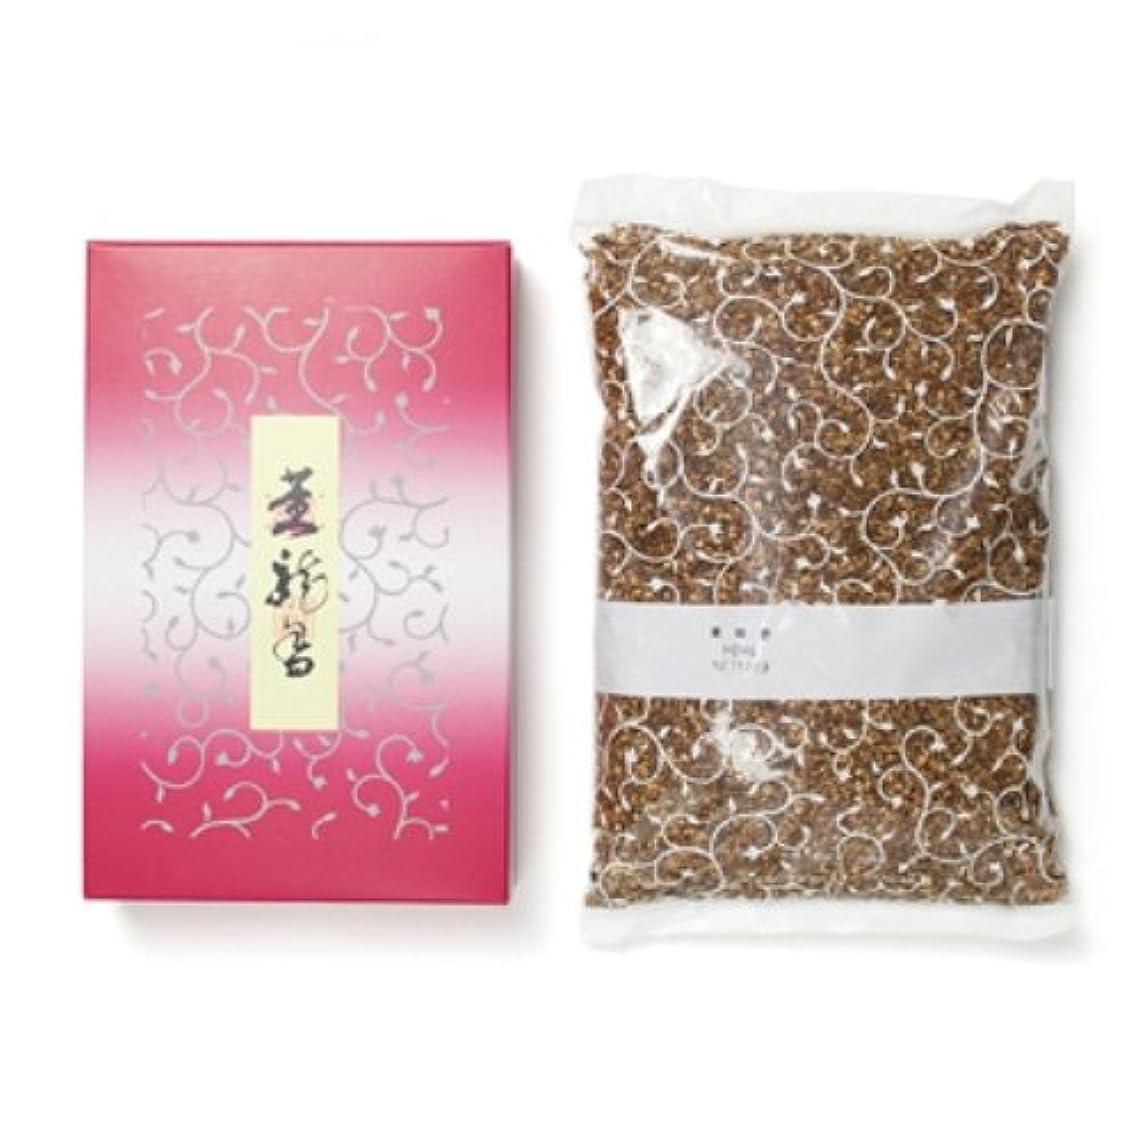 つづりダイエットひねり松栄堂のお焼香 薫竜香 500g詰 紙箱入 #410211